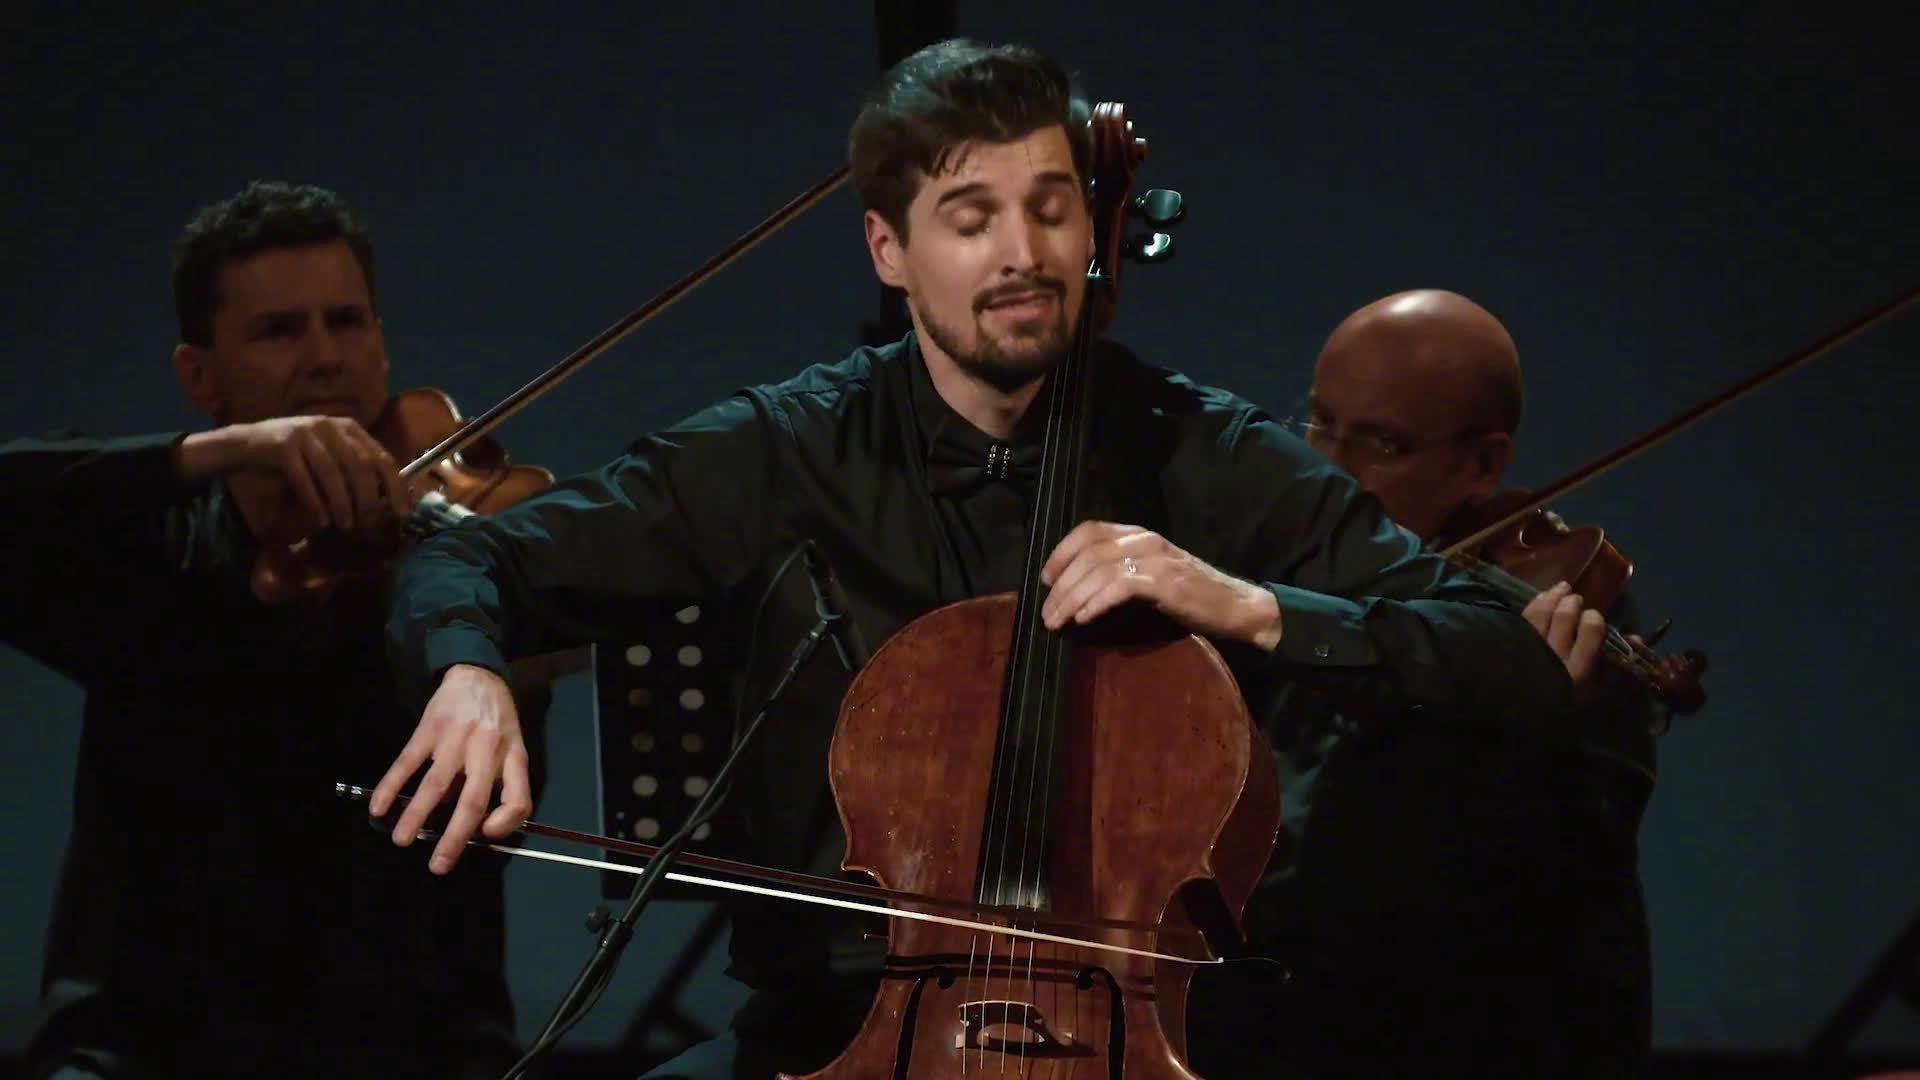 路卡·苏利克(Luka Šulić)大提琴演奏:歌剧《图兰朵》